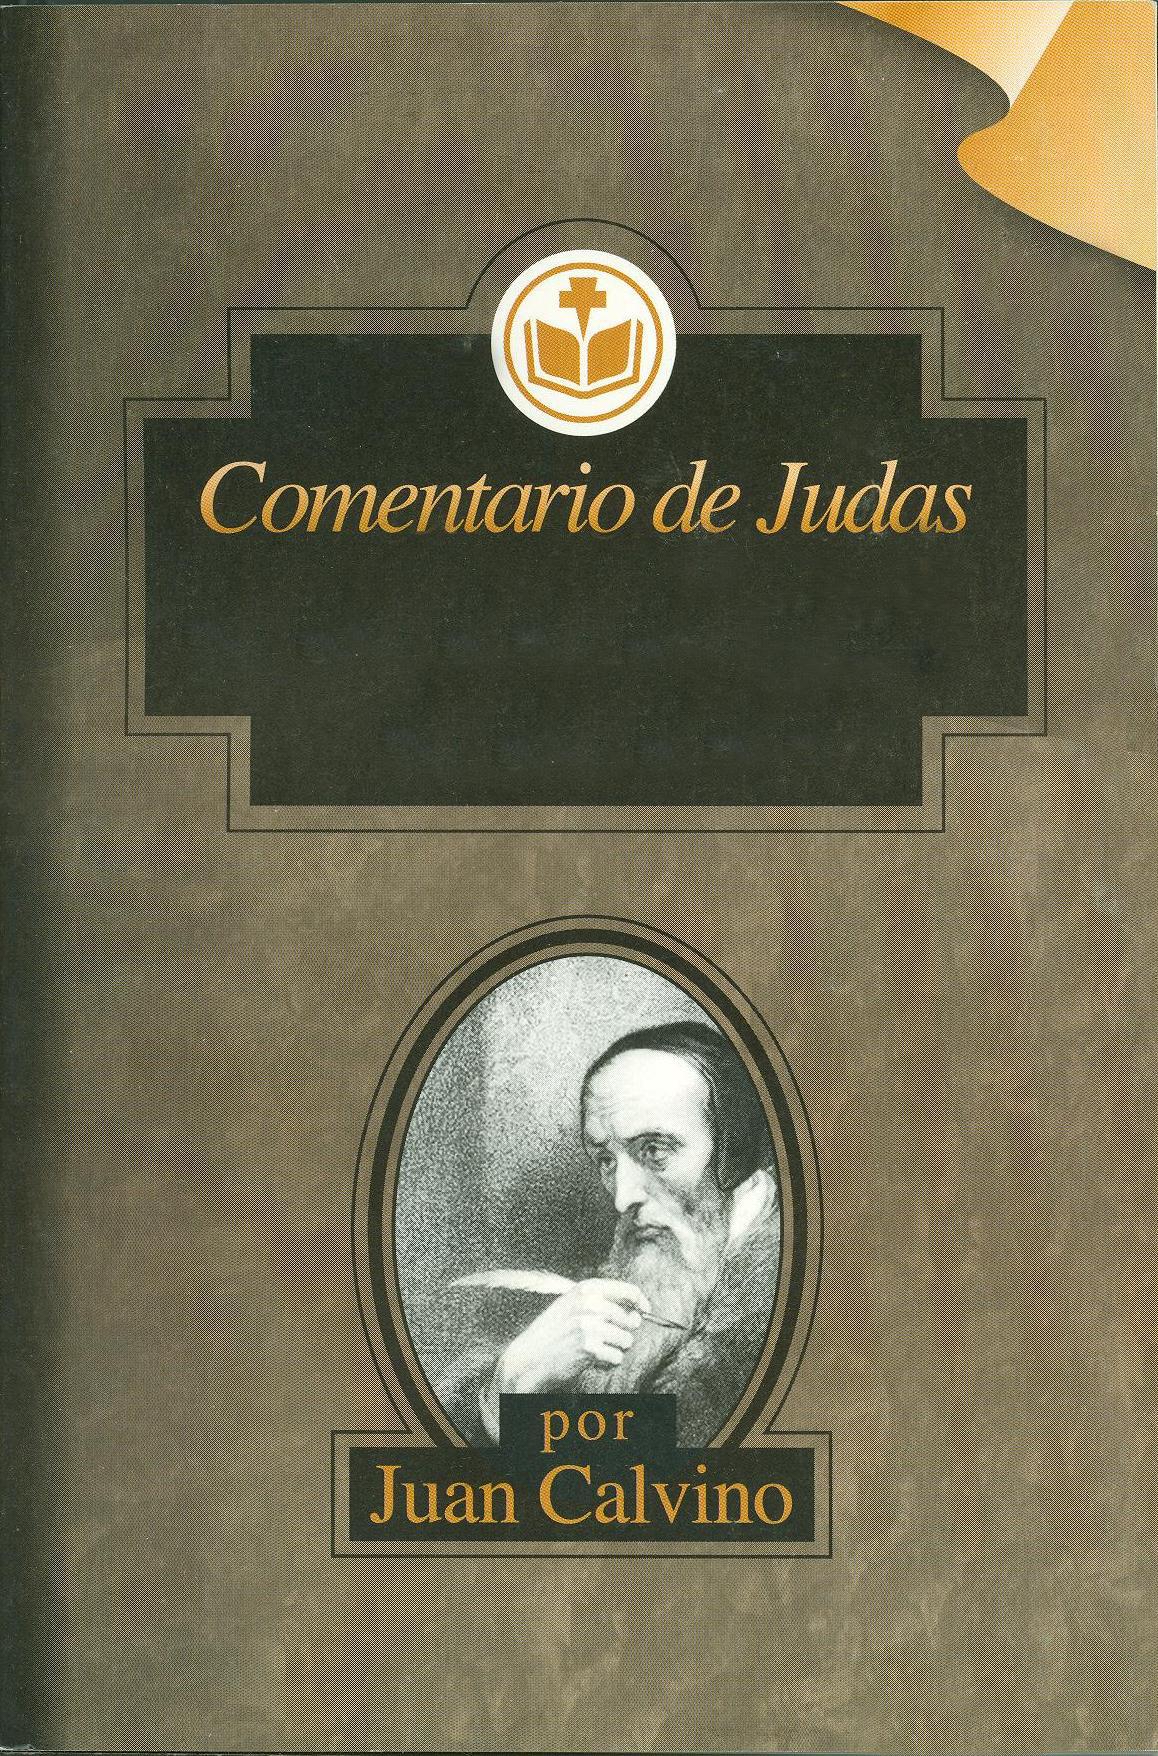 Comentario de Calvino a la epístola del apóstol Judas